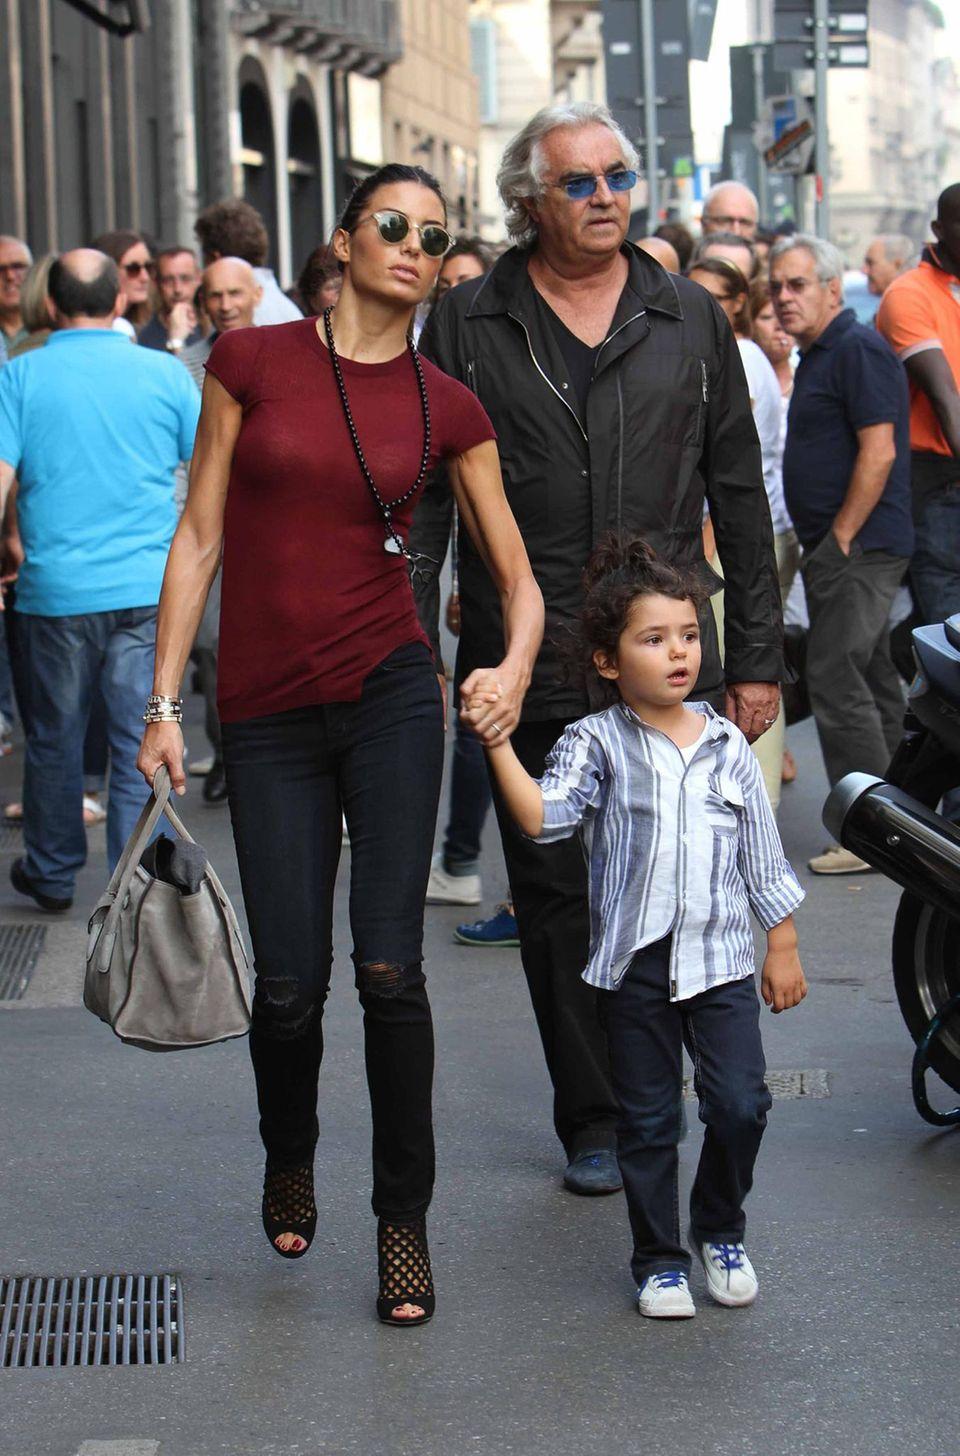 21. September 2013: Flavio Briatore geht mit Ehefrau Elisabetta Gregoraci und Sohn Falco Nathan in Mailand shoppen.